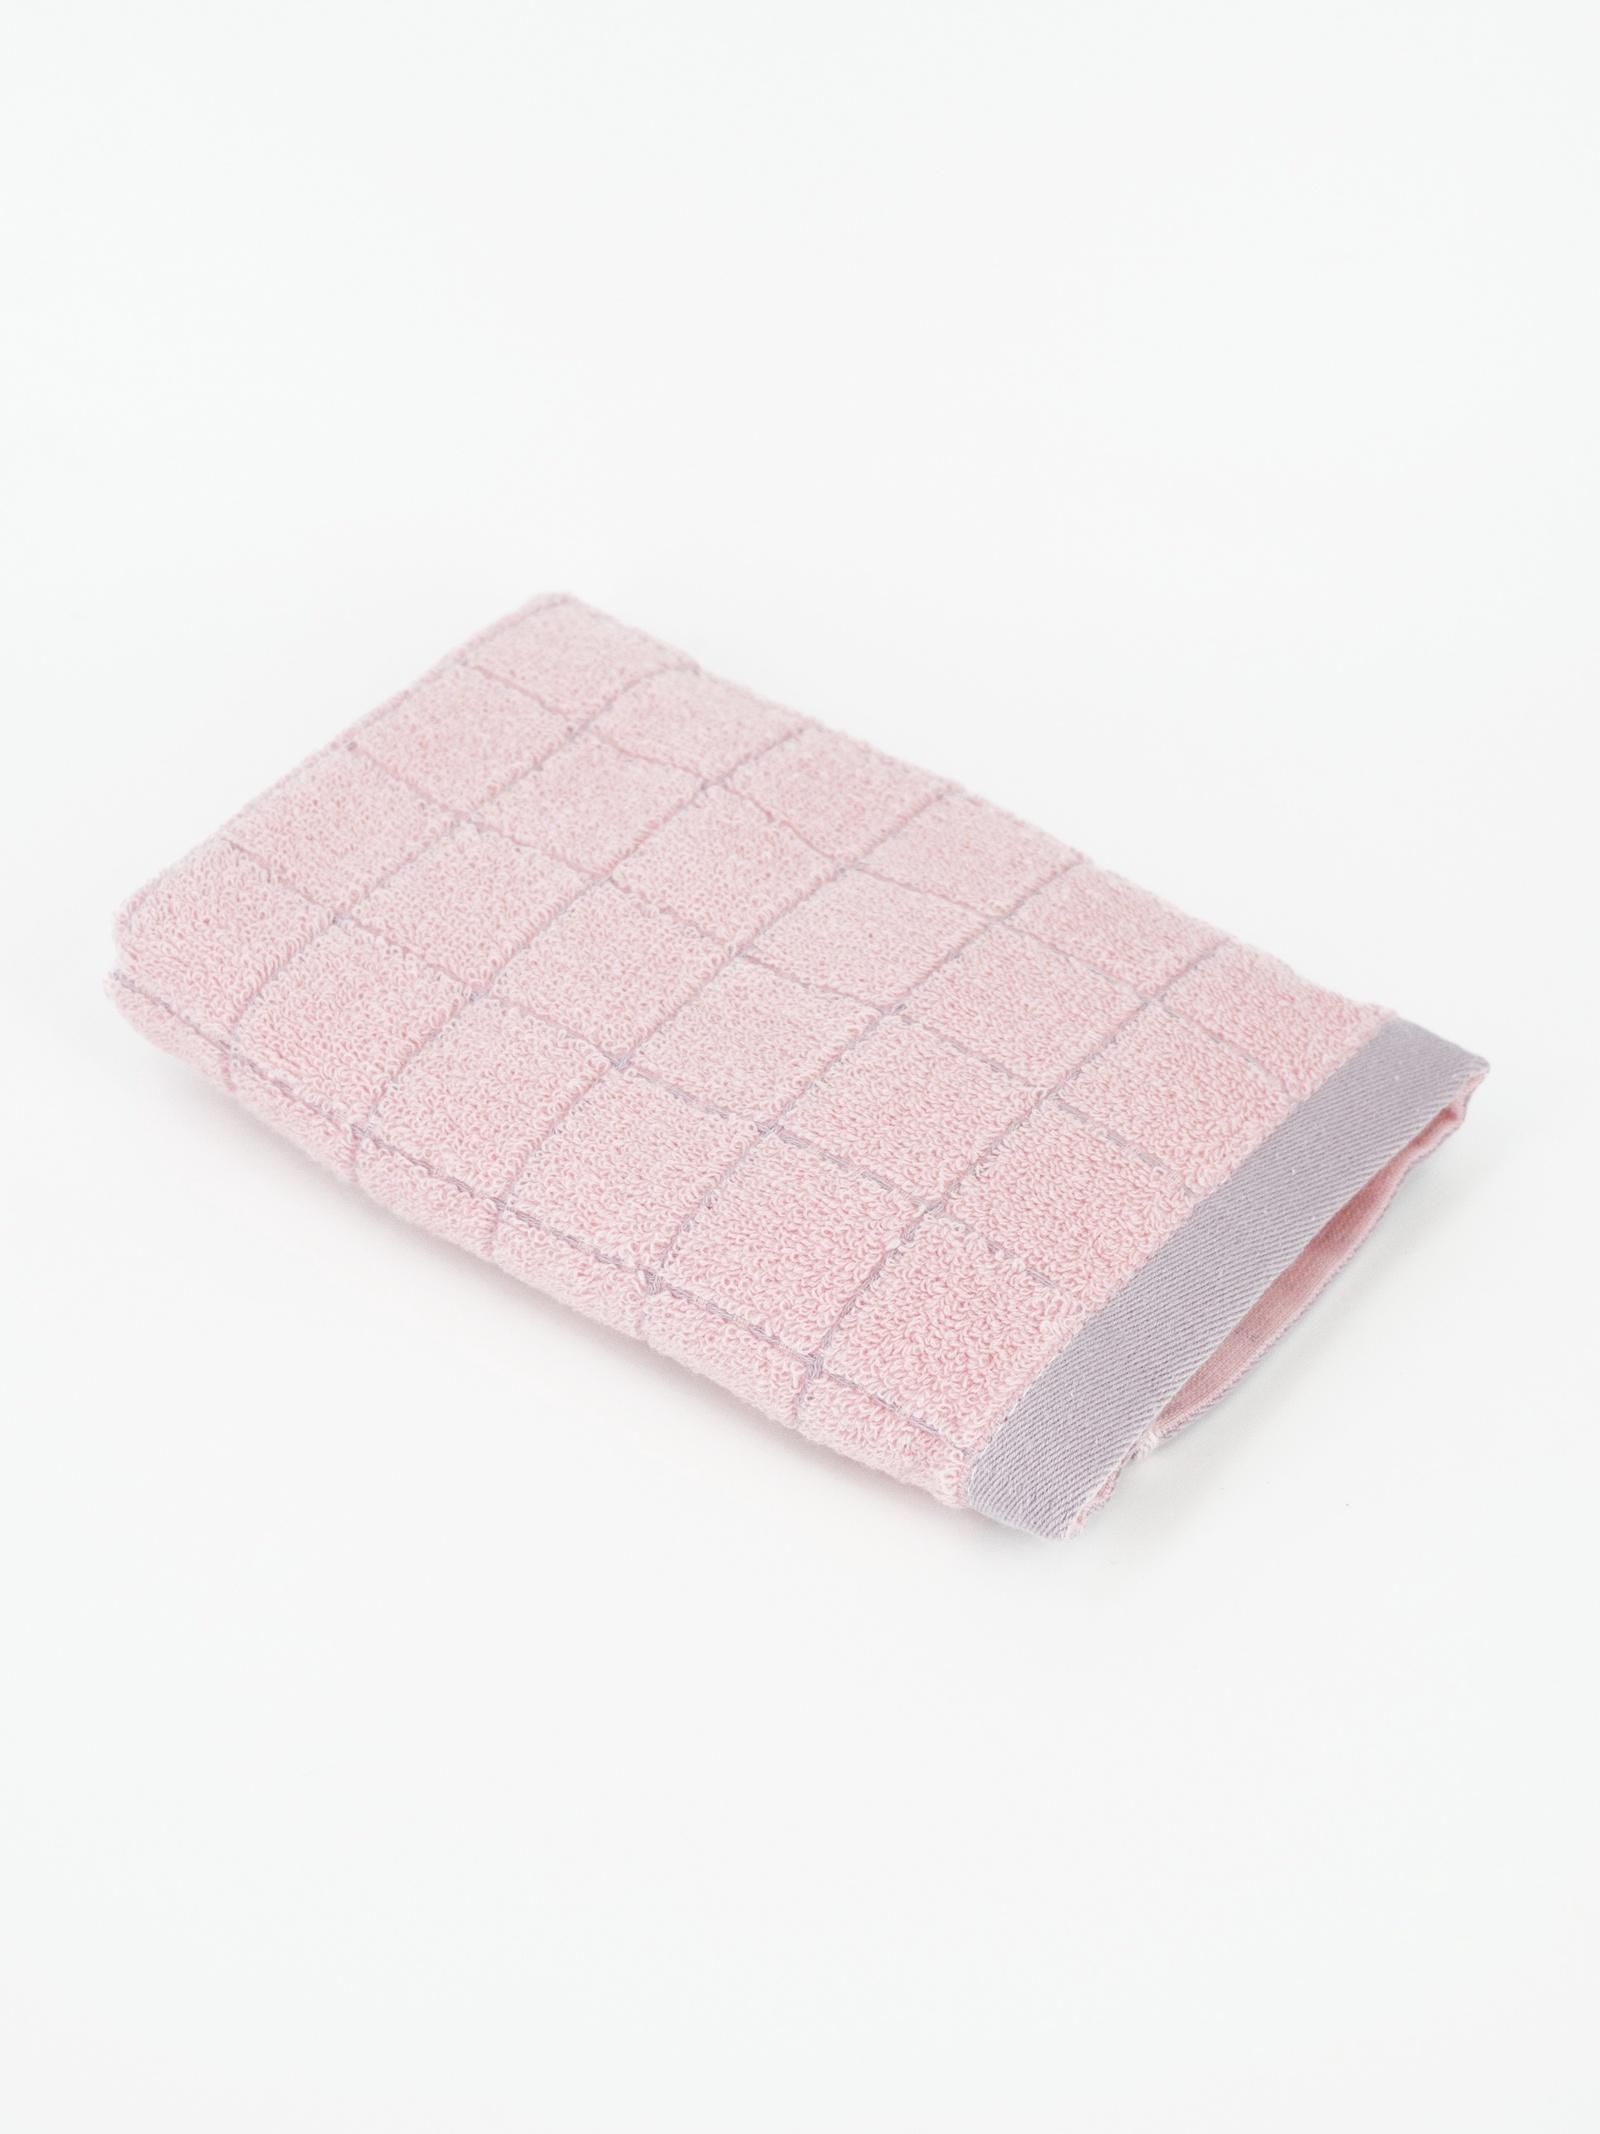 Банный комплект Удачная покупка Полотенца банные, розовый полотенца банные авангард полотенце махровое пестротканое жаккардовое ручки